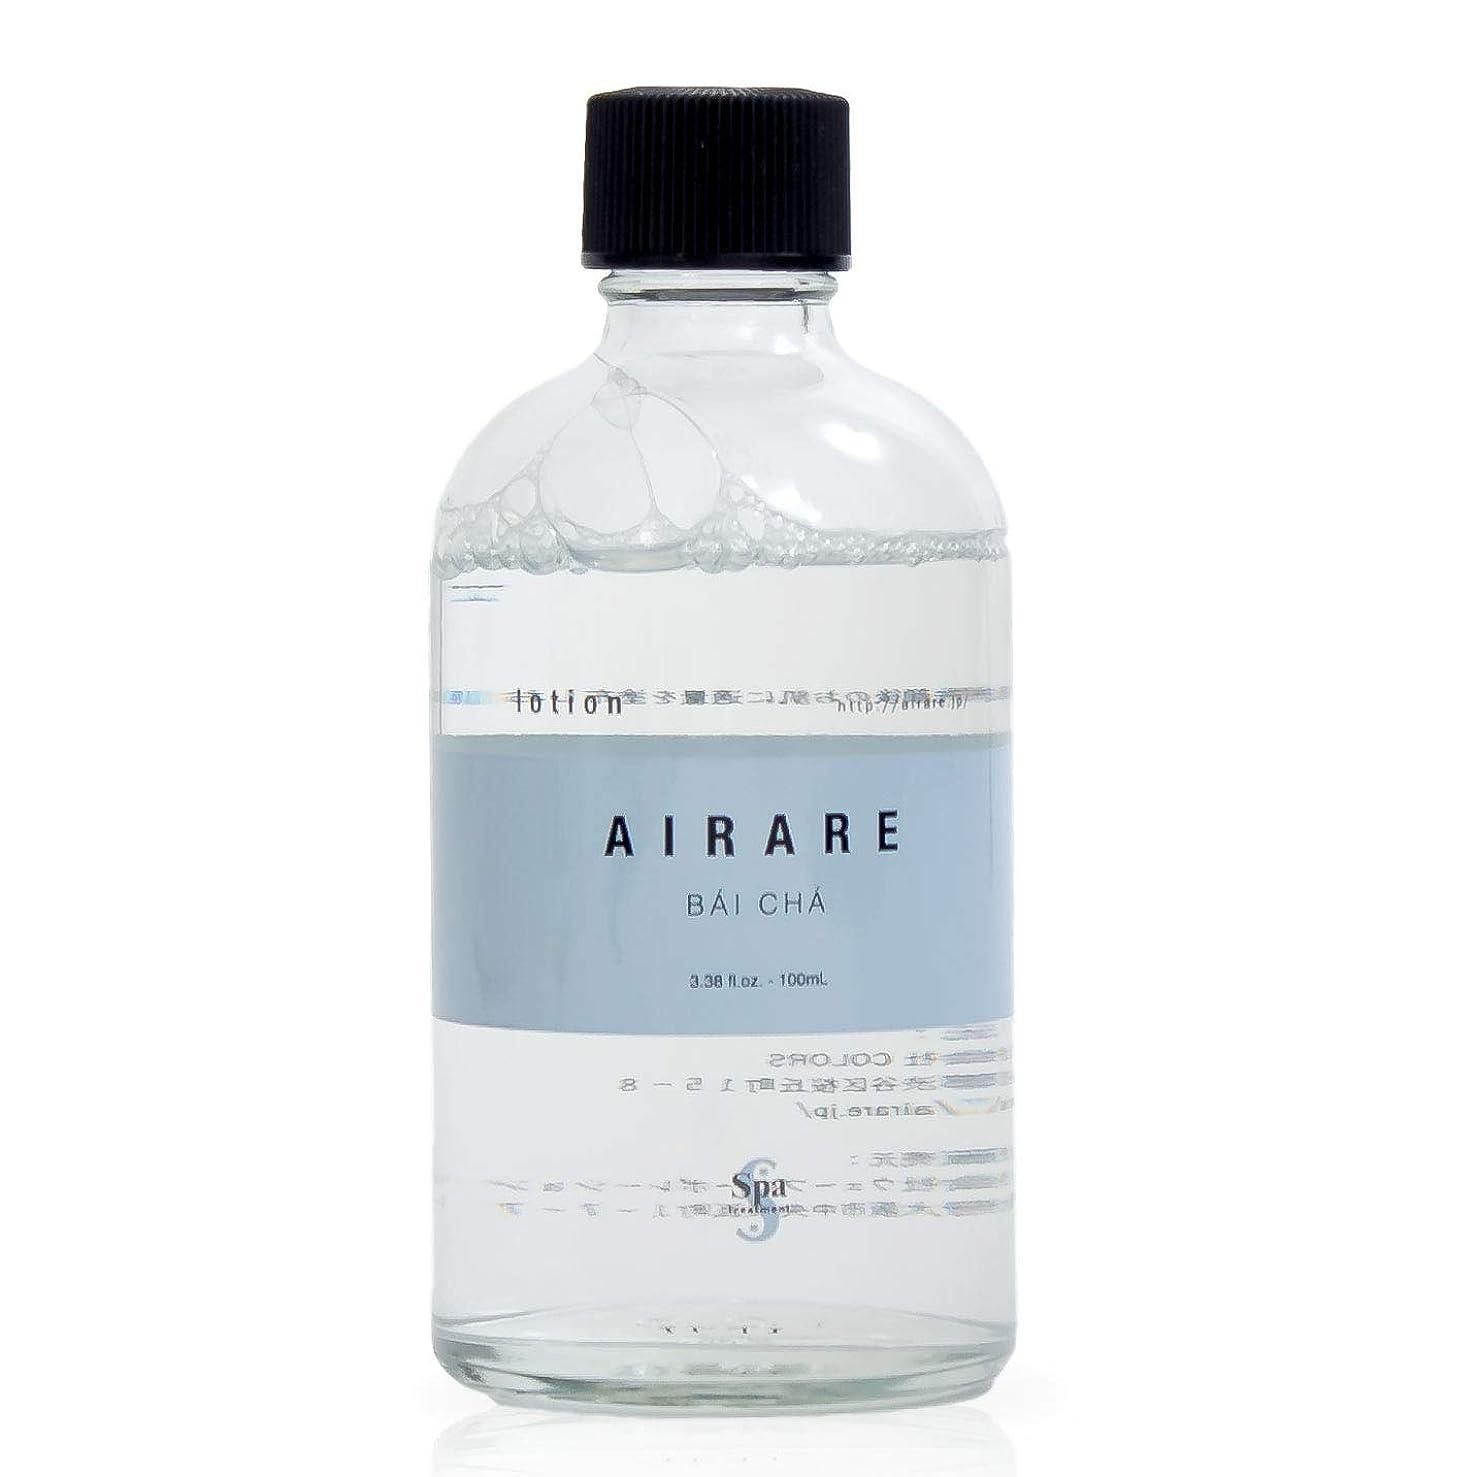 め言葉行列シェードアール ローション 化粧水 AIRARE BAICHA 白茶と豊富なアルプスのミネラルを配合